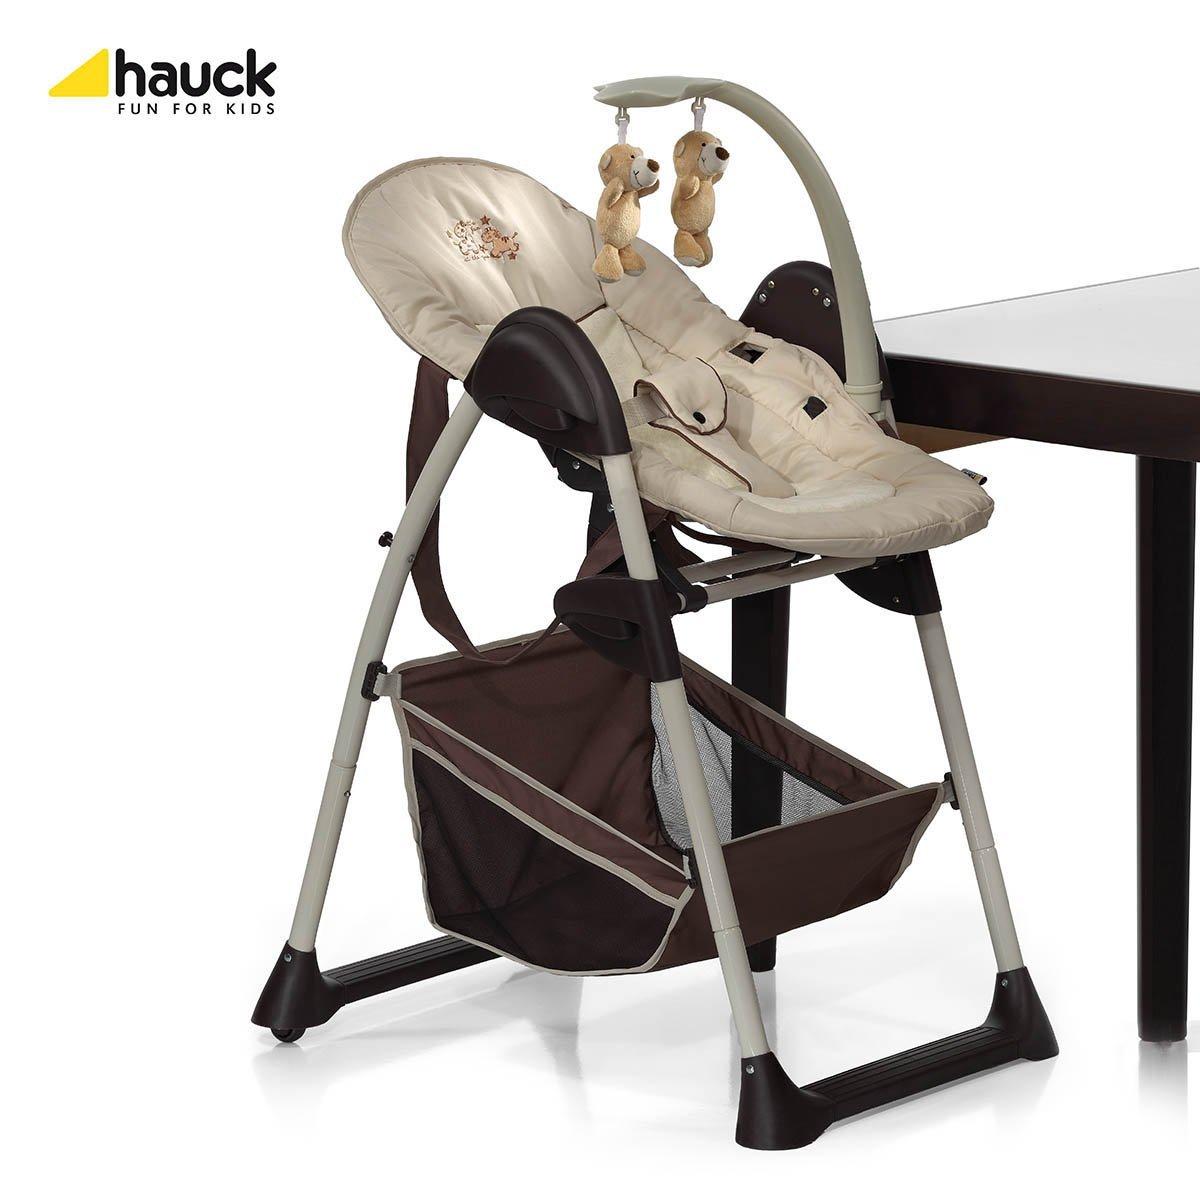 hochstuhl mit liegefunktion jetzt g nstig kaufen. Black Bedroom Furniture Sets. Home Design Ideas